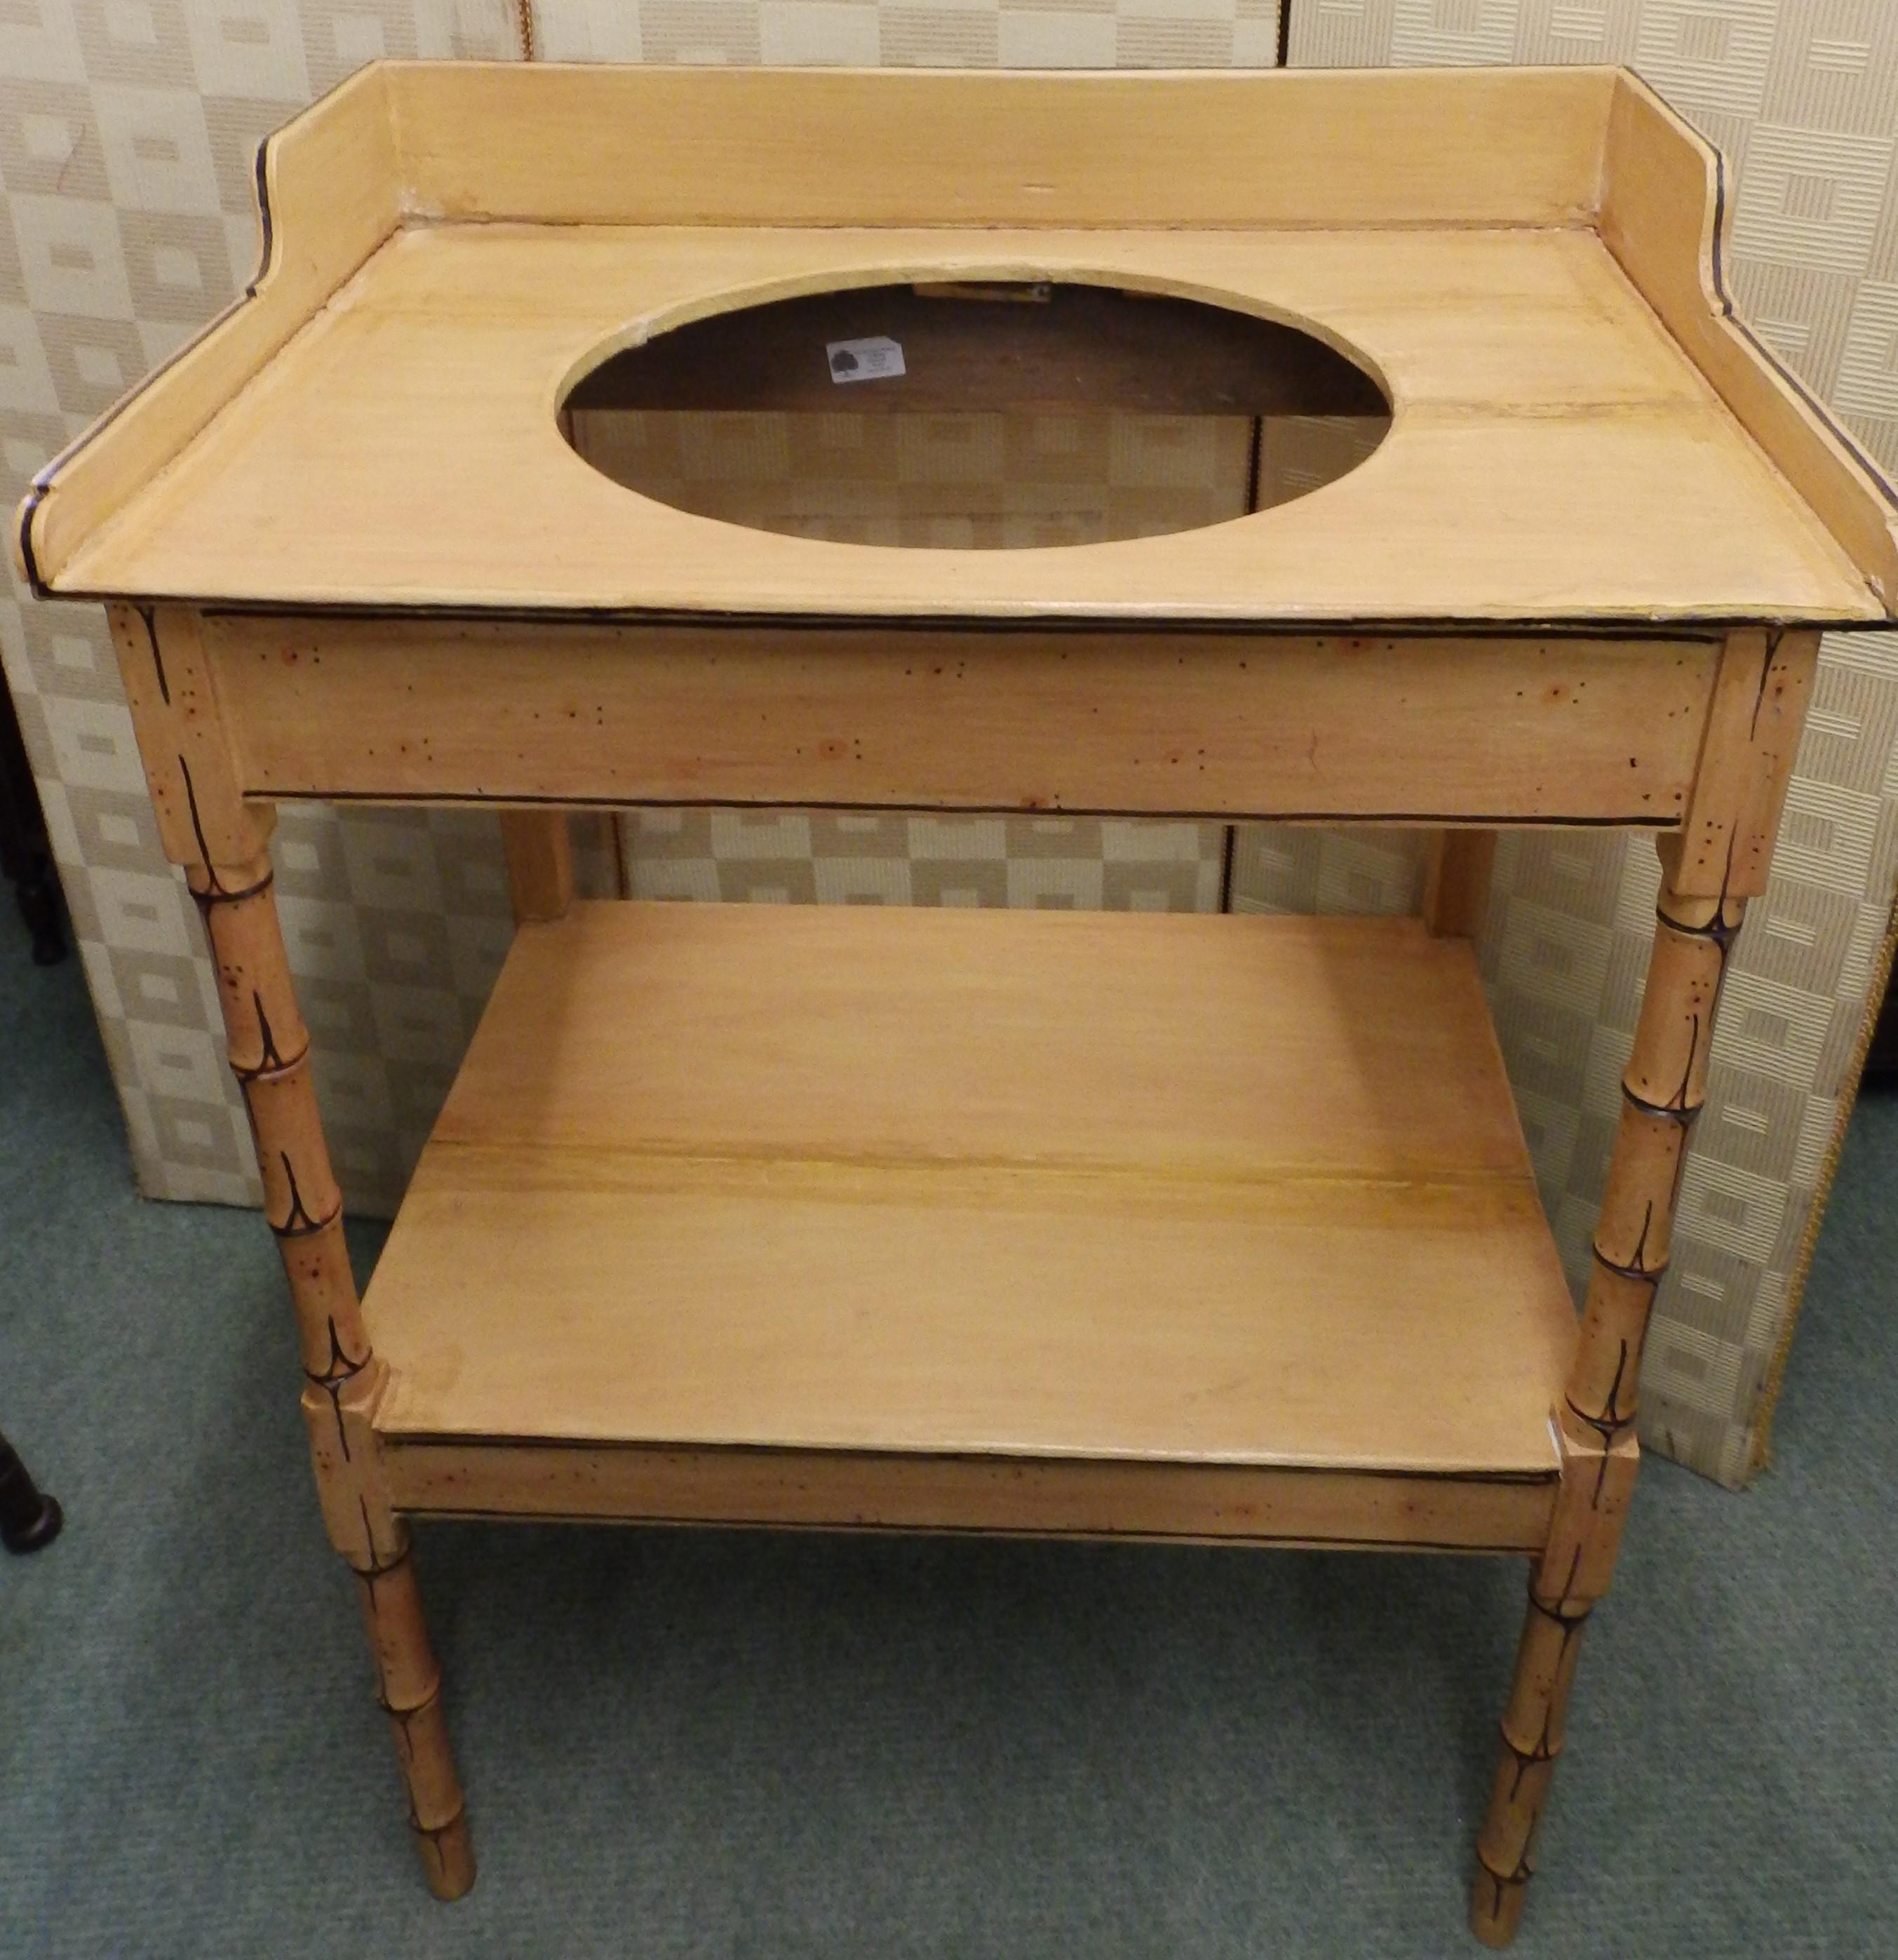 1800s wash-stand